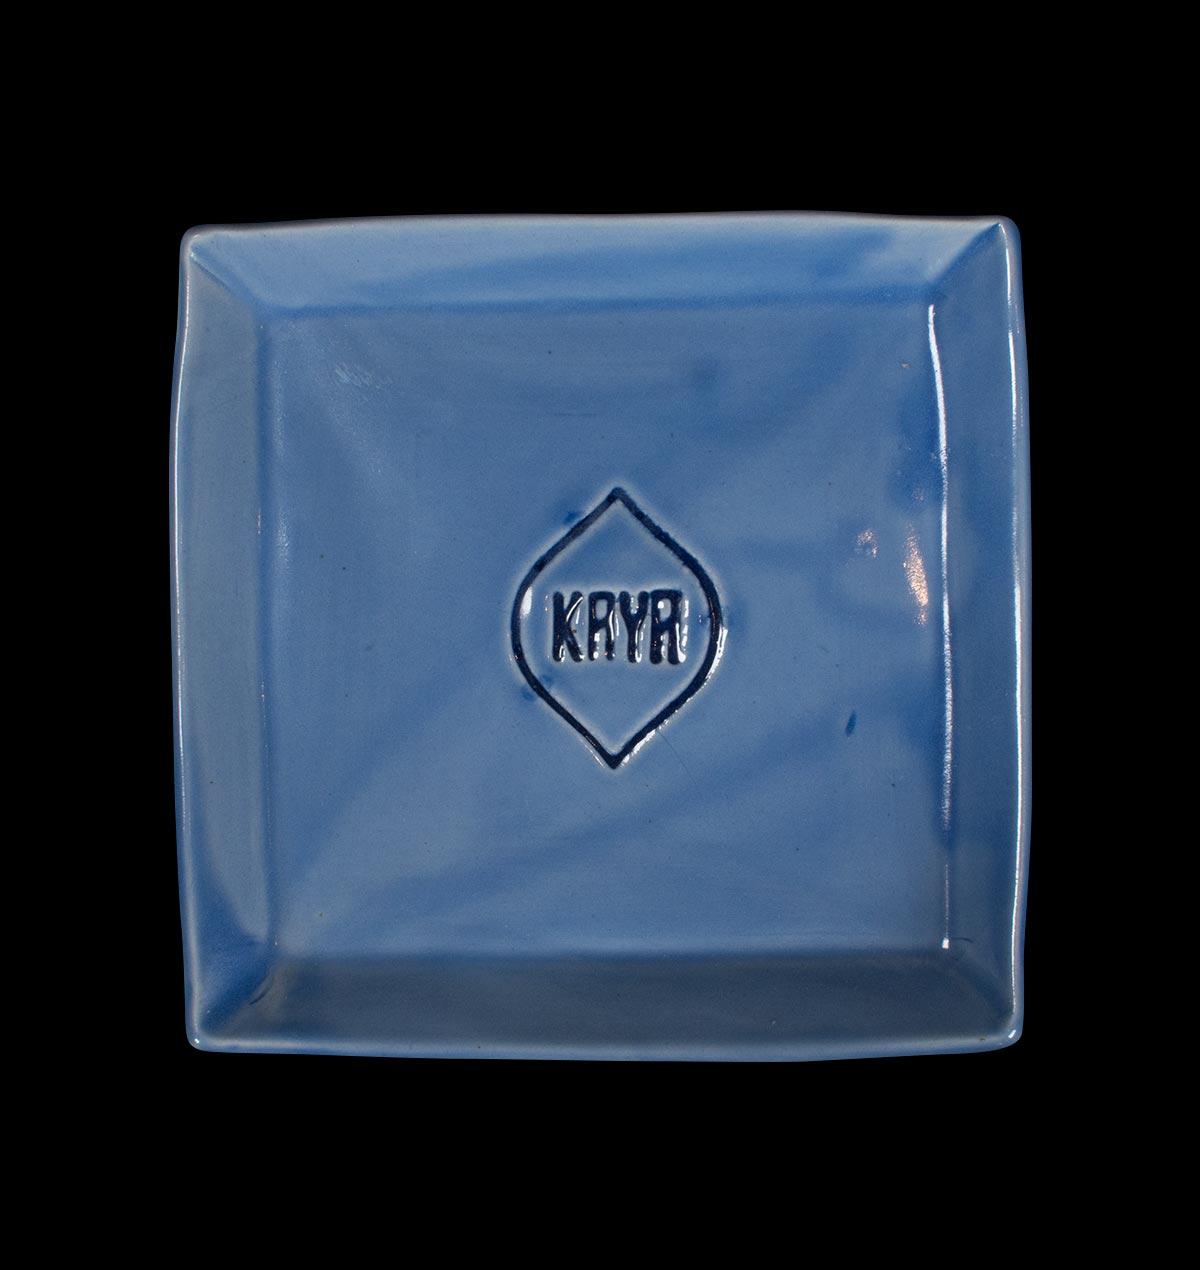 Blue Ceramic Square Ashtray